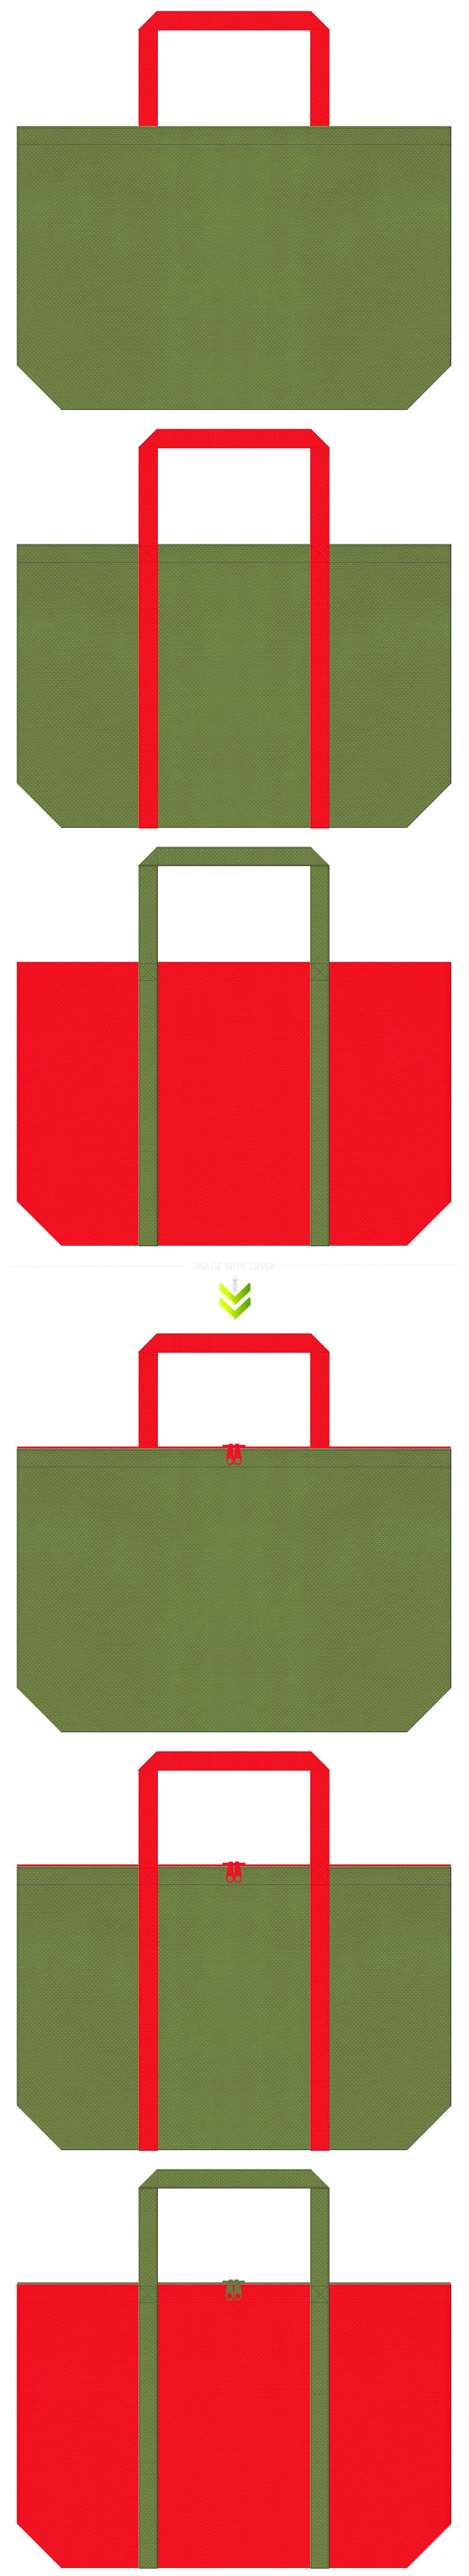 草色と赤色の不織布バッグデザイン。野点傘のイメージで、和雑貨のショッピングバッグにお奨めです。